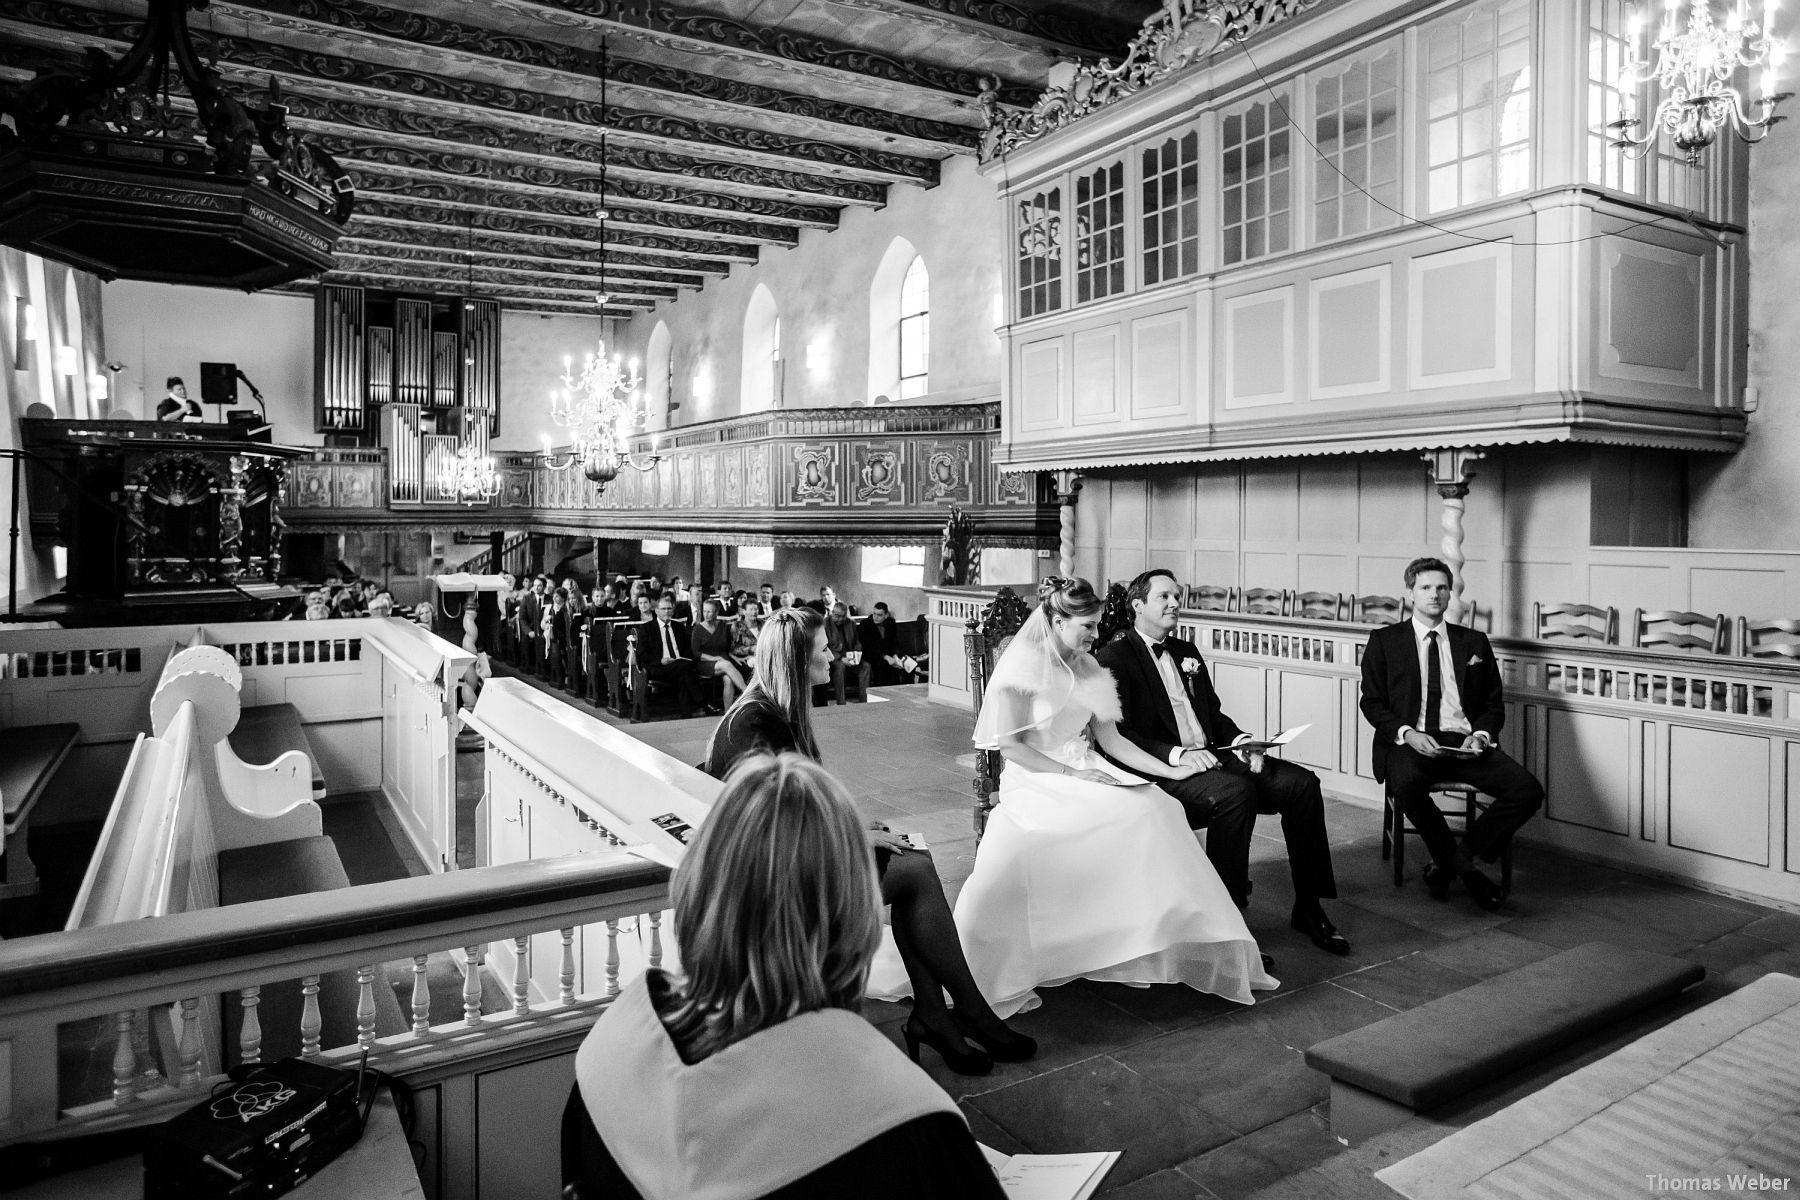 Hochzeitsfotograf Rastede: Kirchliche Trauung in der St. Ulrichs Kirche Rastede und Hochzeitsfeier in der Eventscheune St Georg Rastede mit dem Catering von Split Food (Michael Niebuhr) aus Oldenburg (20)